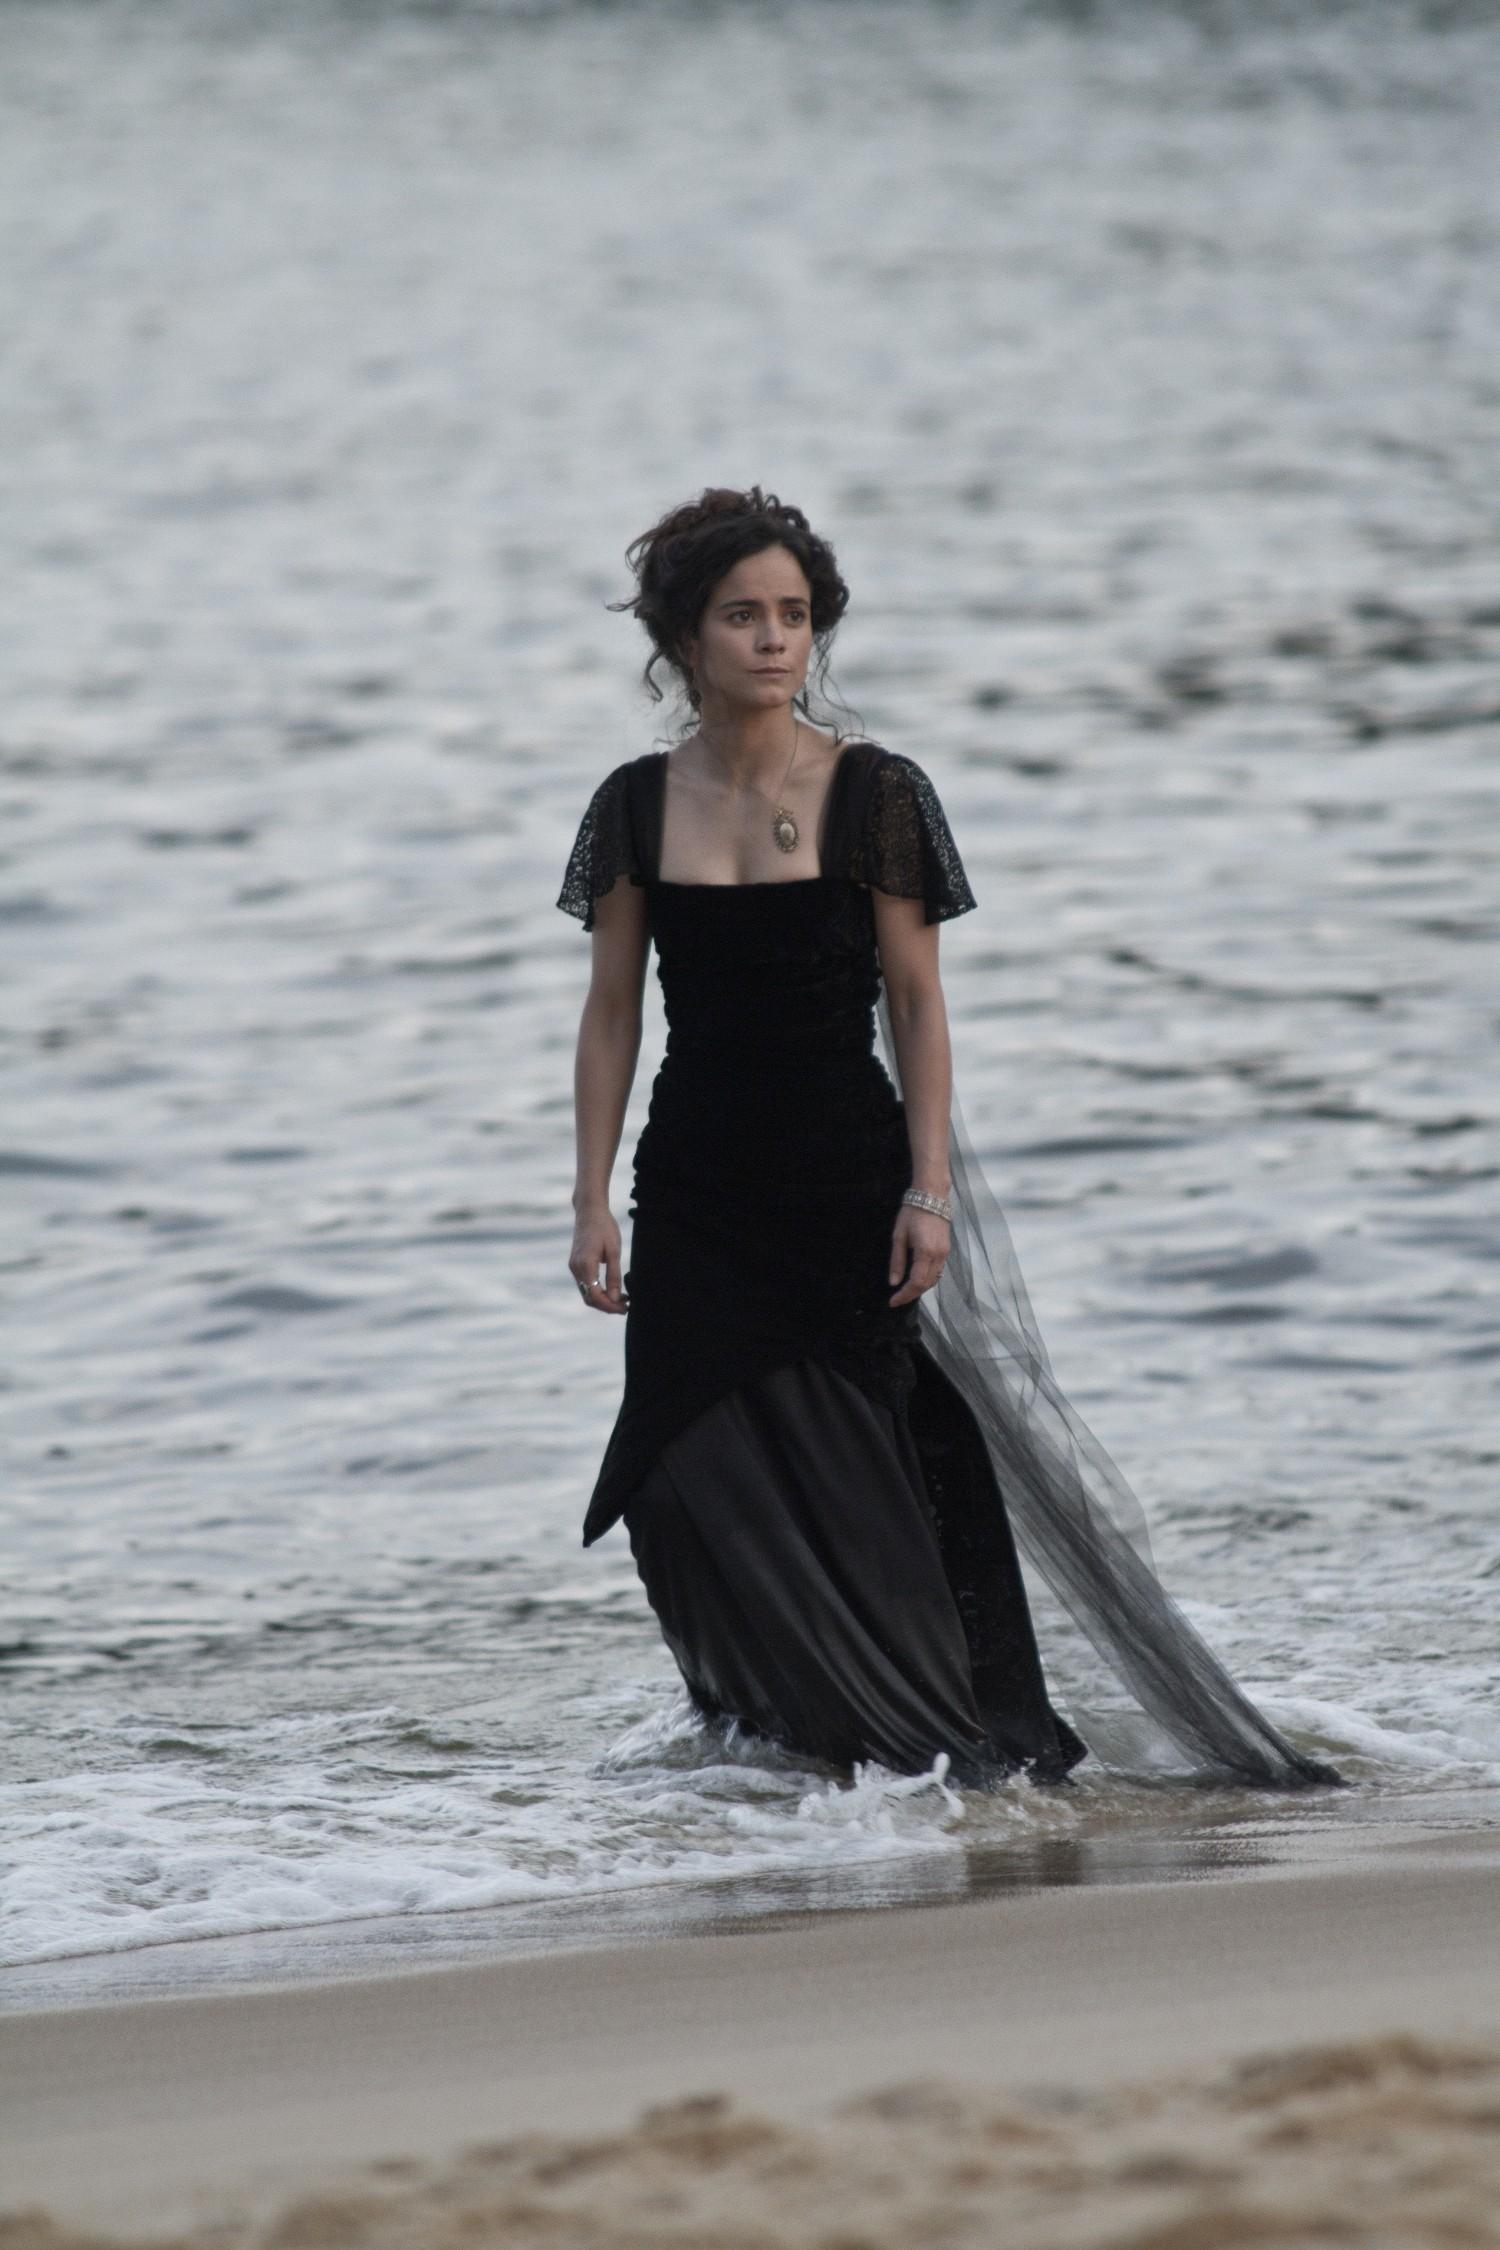 Alice Braga em cena do filme 'Muitos Homens num só' (Foto: reprodução)